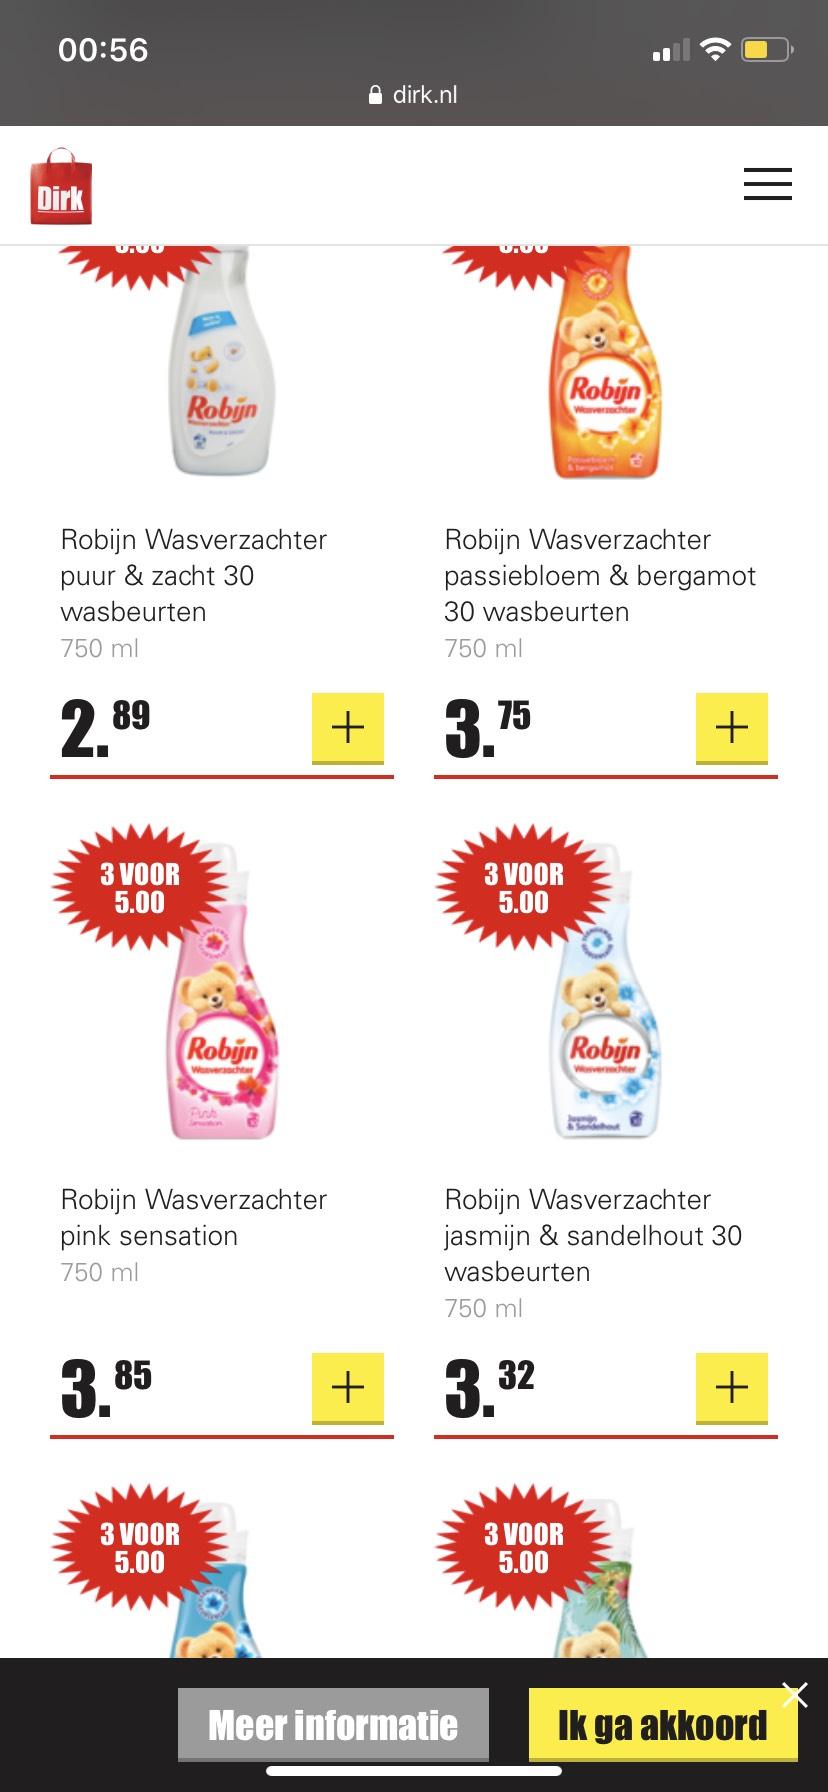 Robijn wasverzachter 3 stuks voor €5 bij Dirk